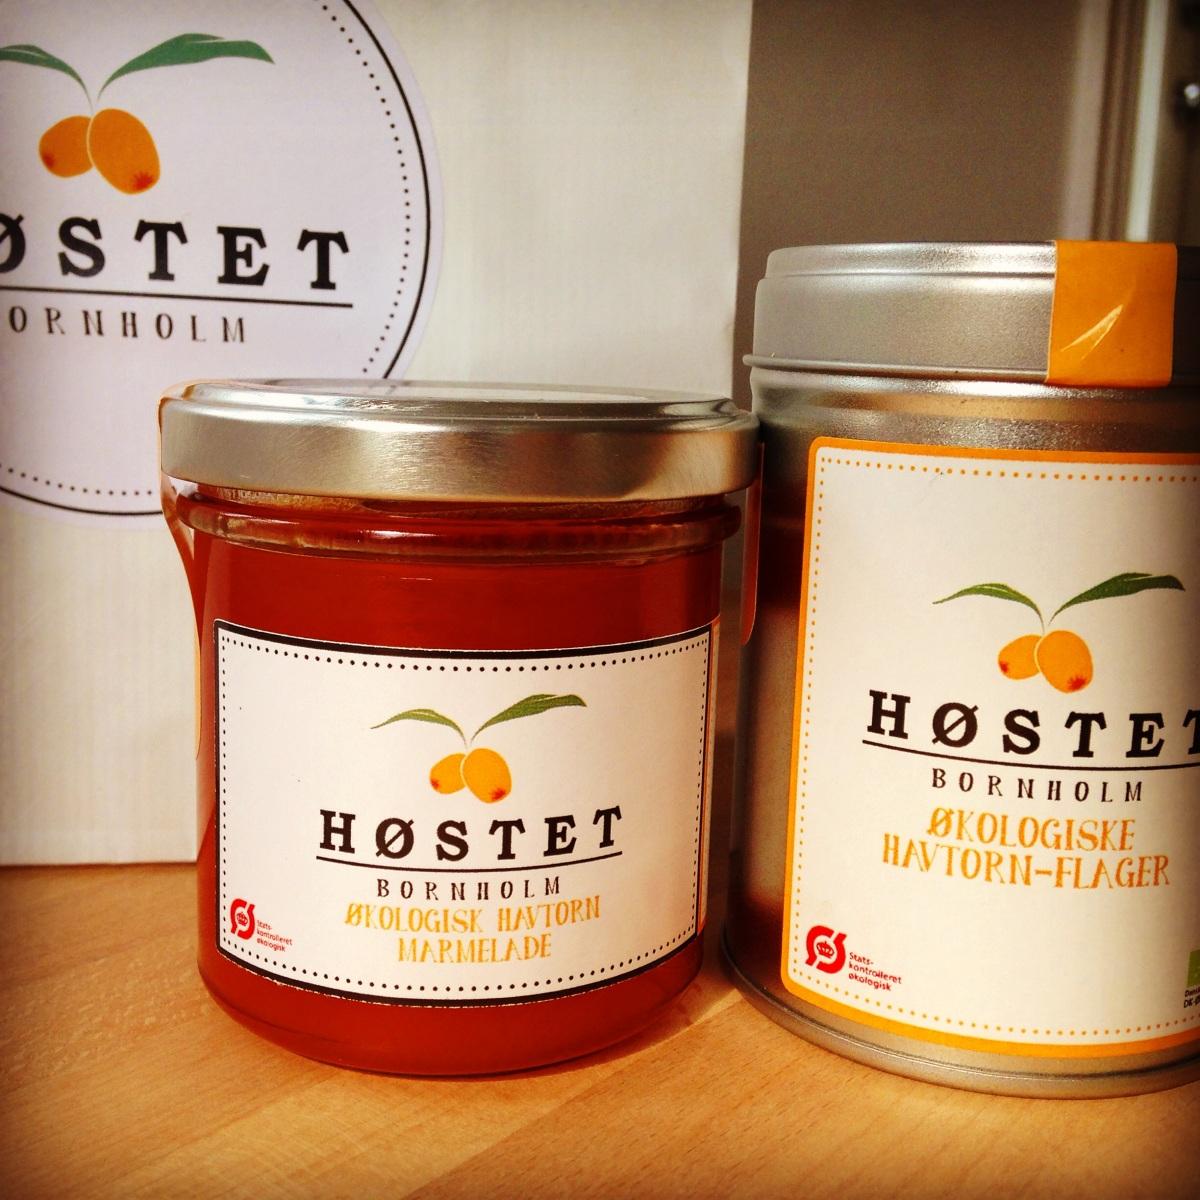 """""""Høstet"""": Bornholmer Sanddorn-Marmelade auf Erfolgskurs"""